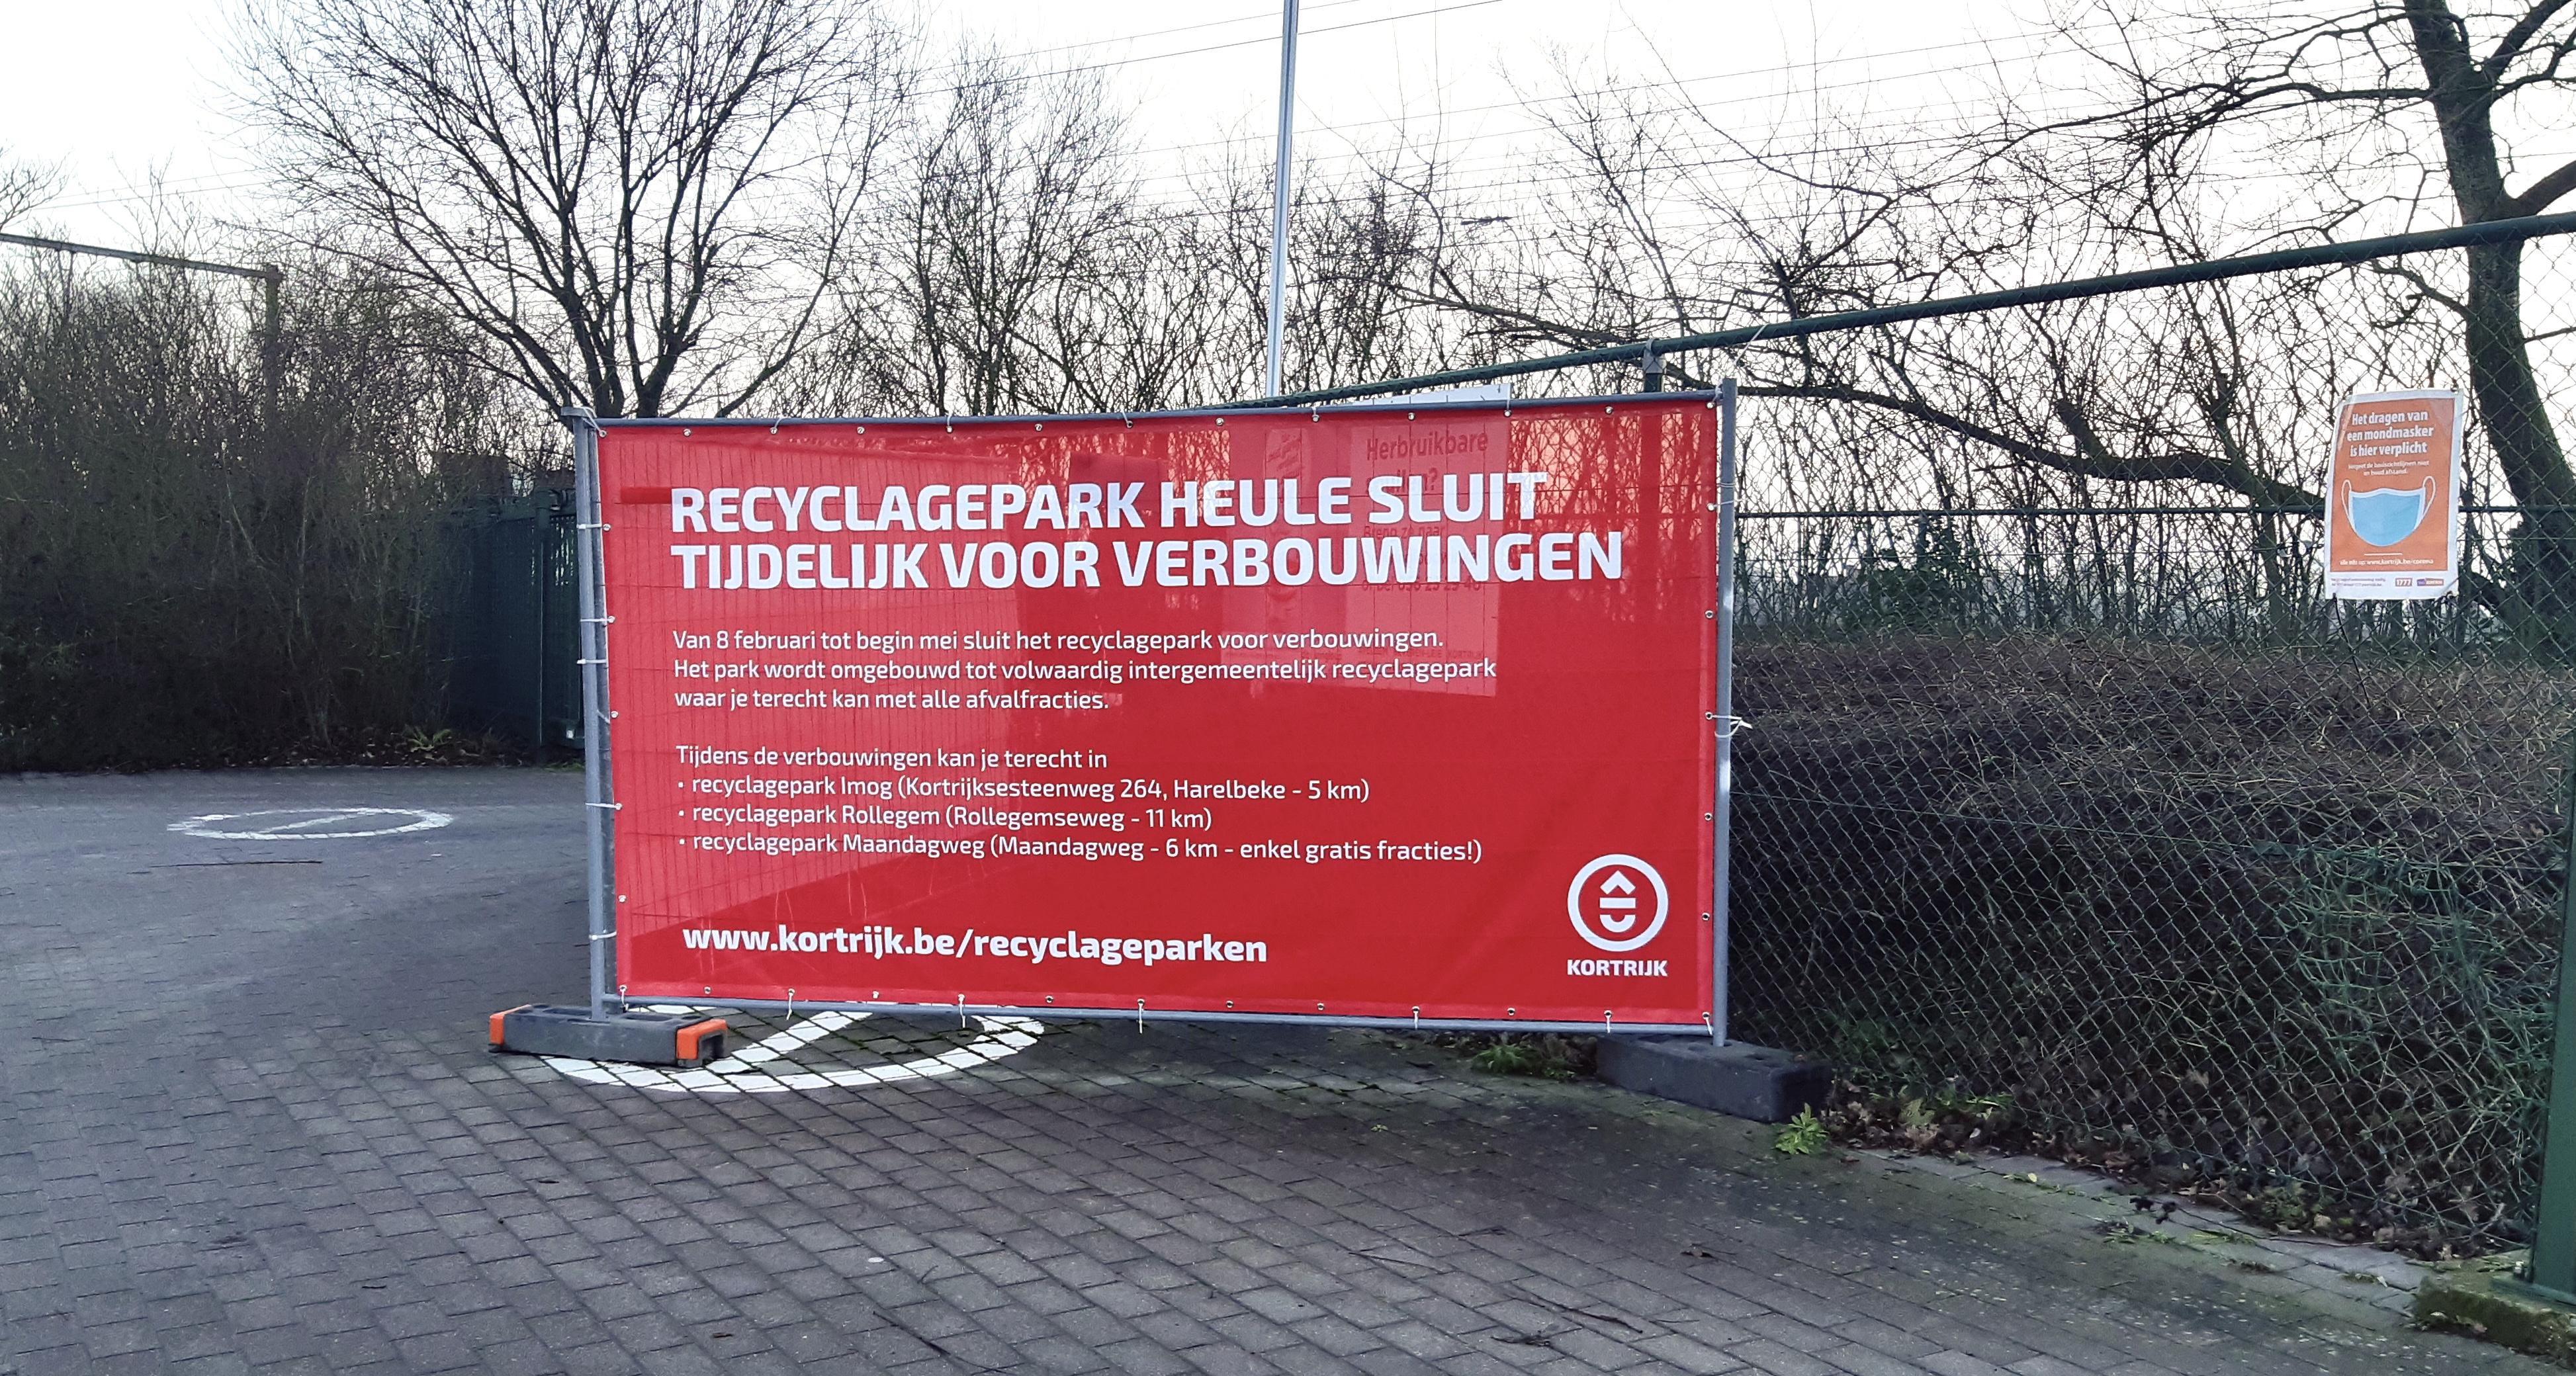 Recyclagepark Heule